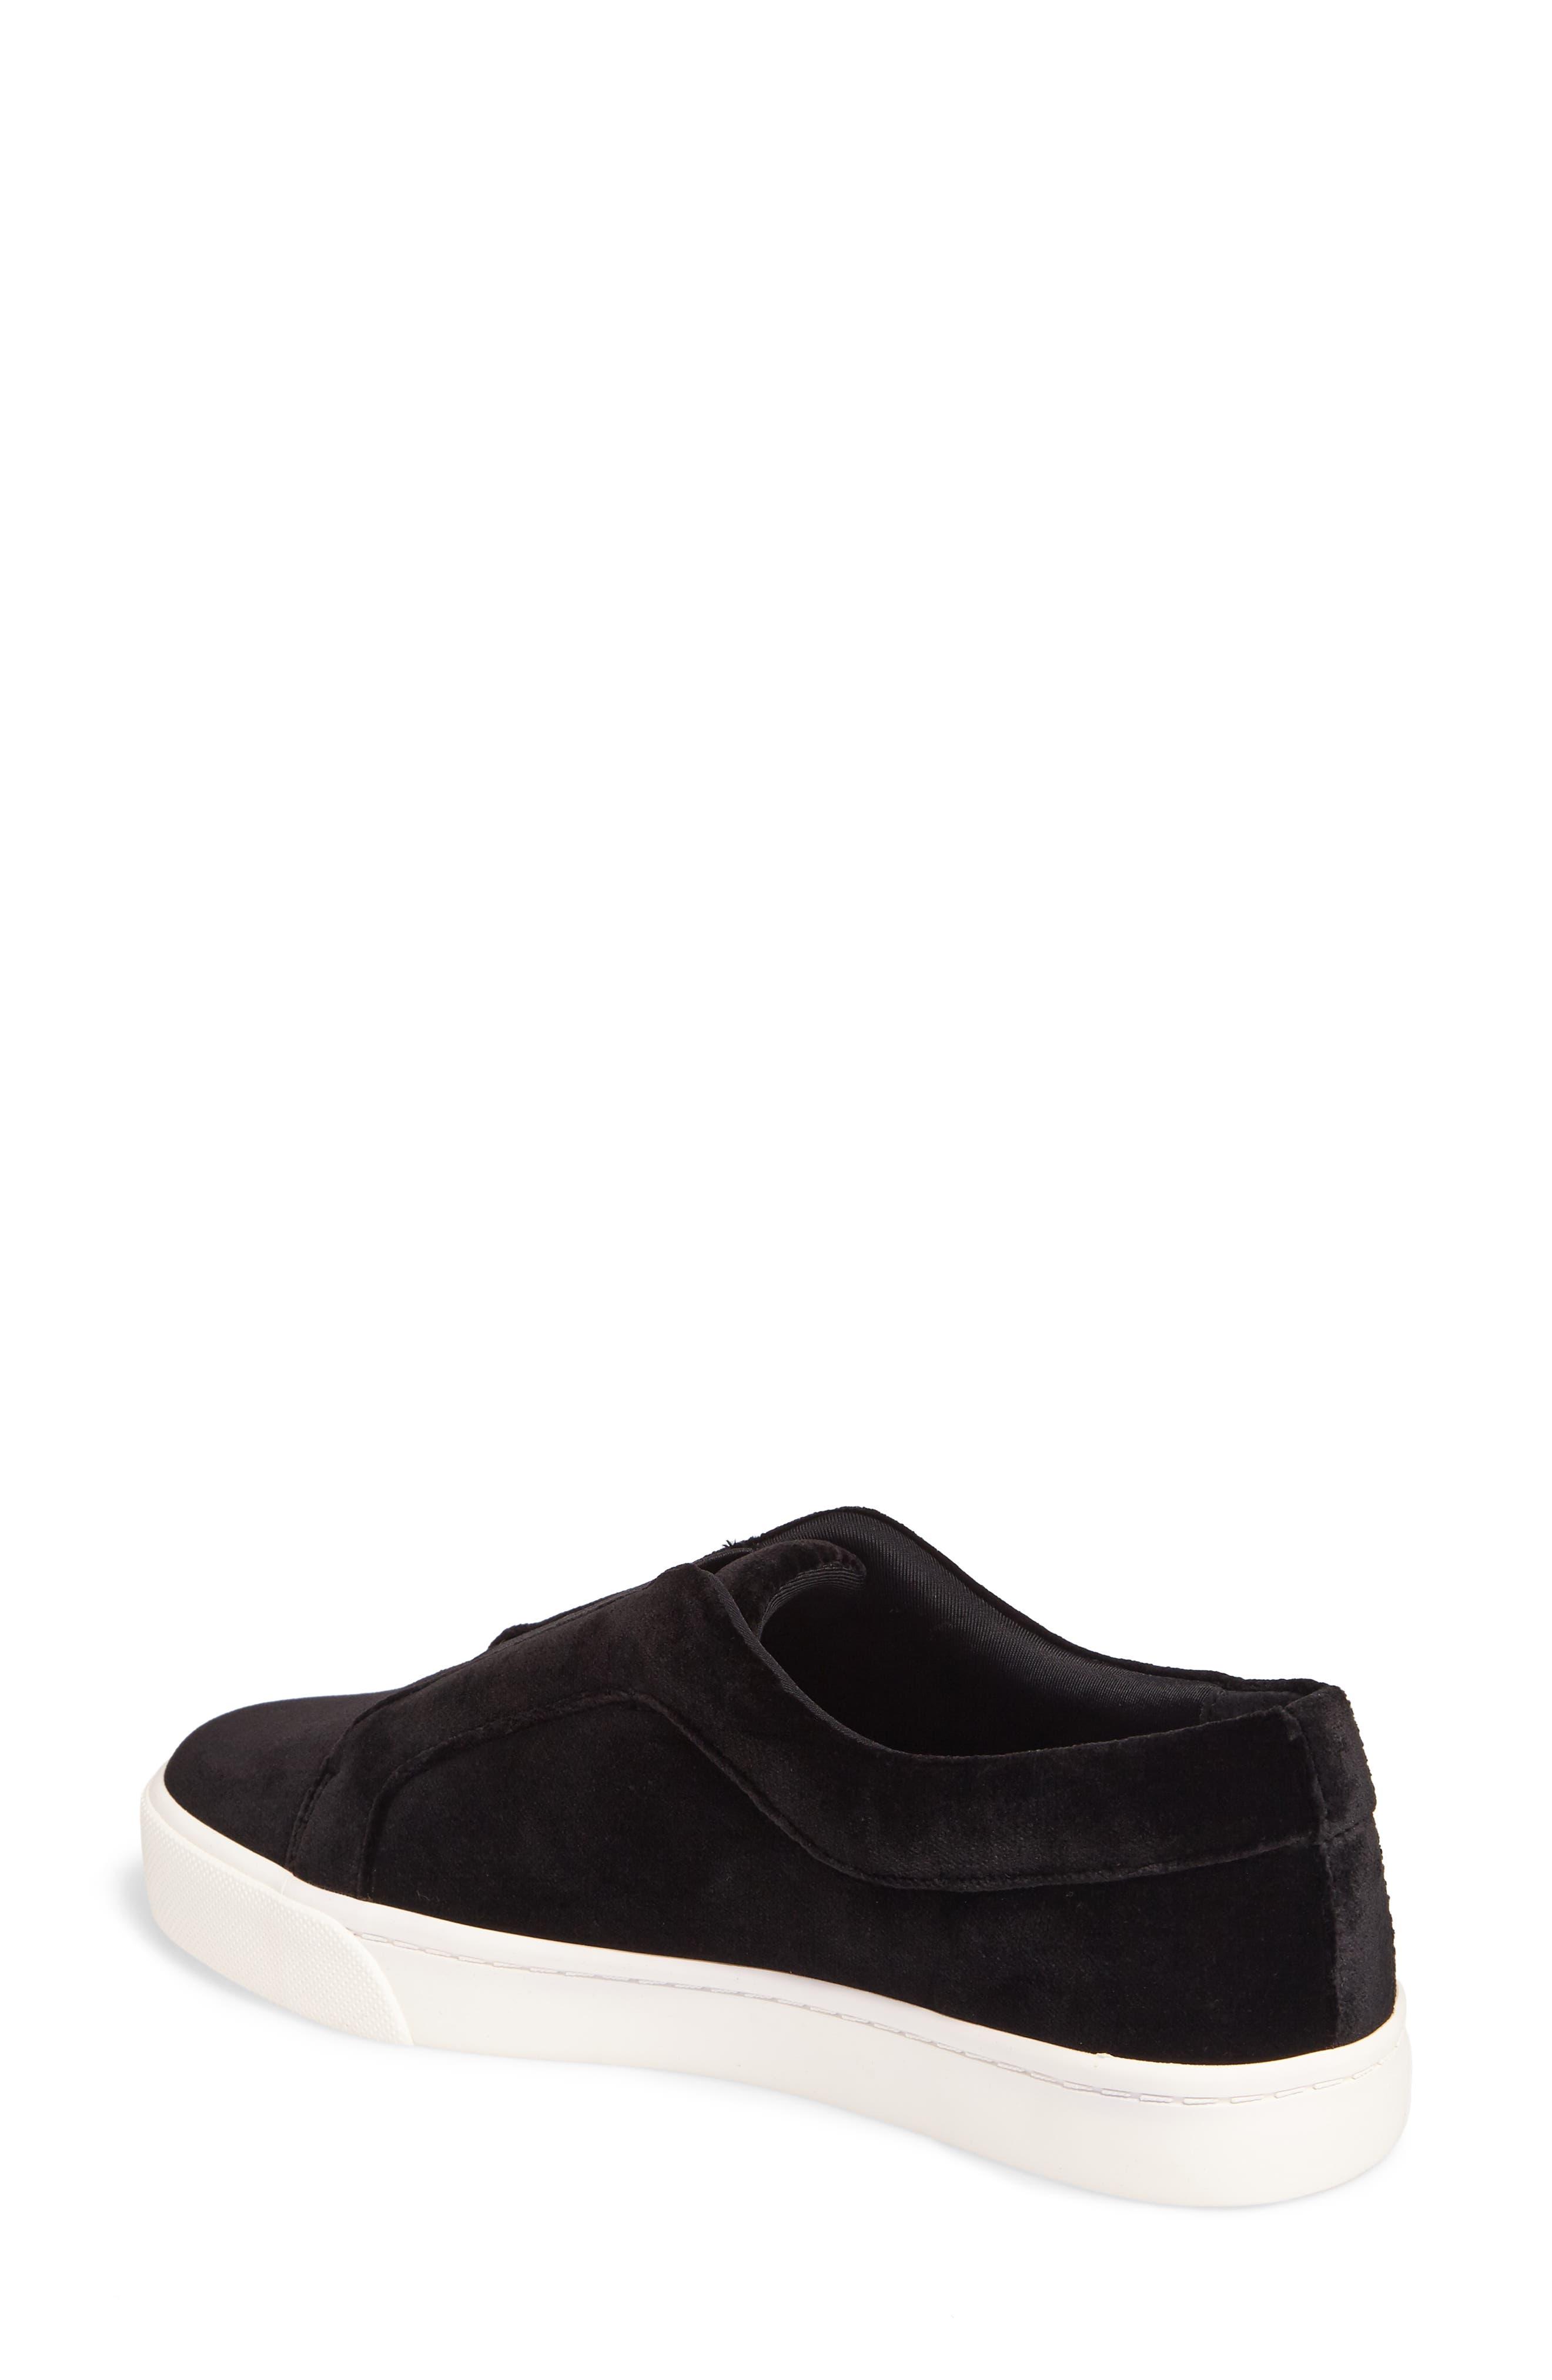 Bette Slip-On Sneaker,                             Alternate thumbnail 2, color,                             001